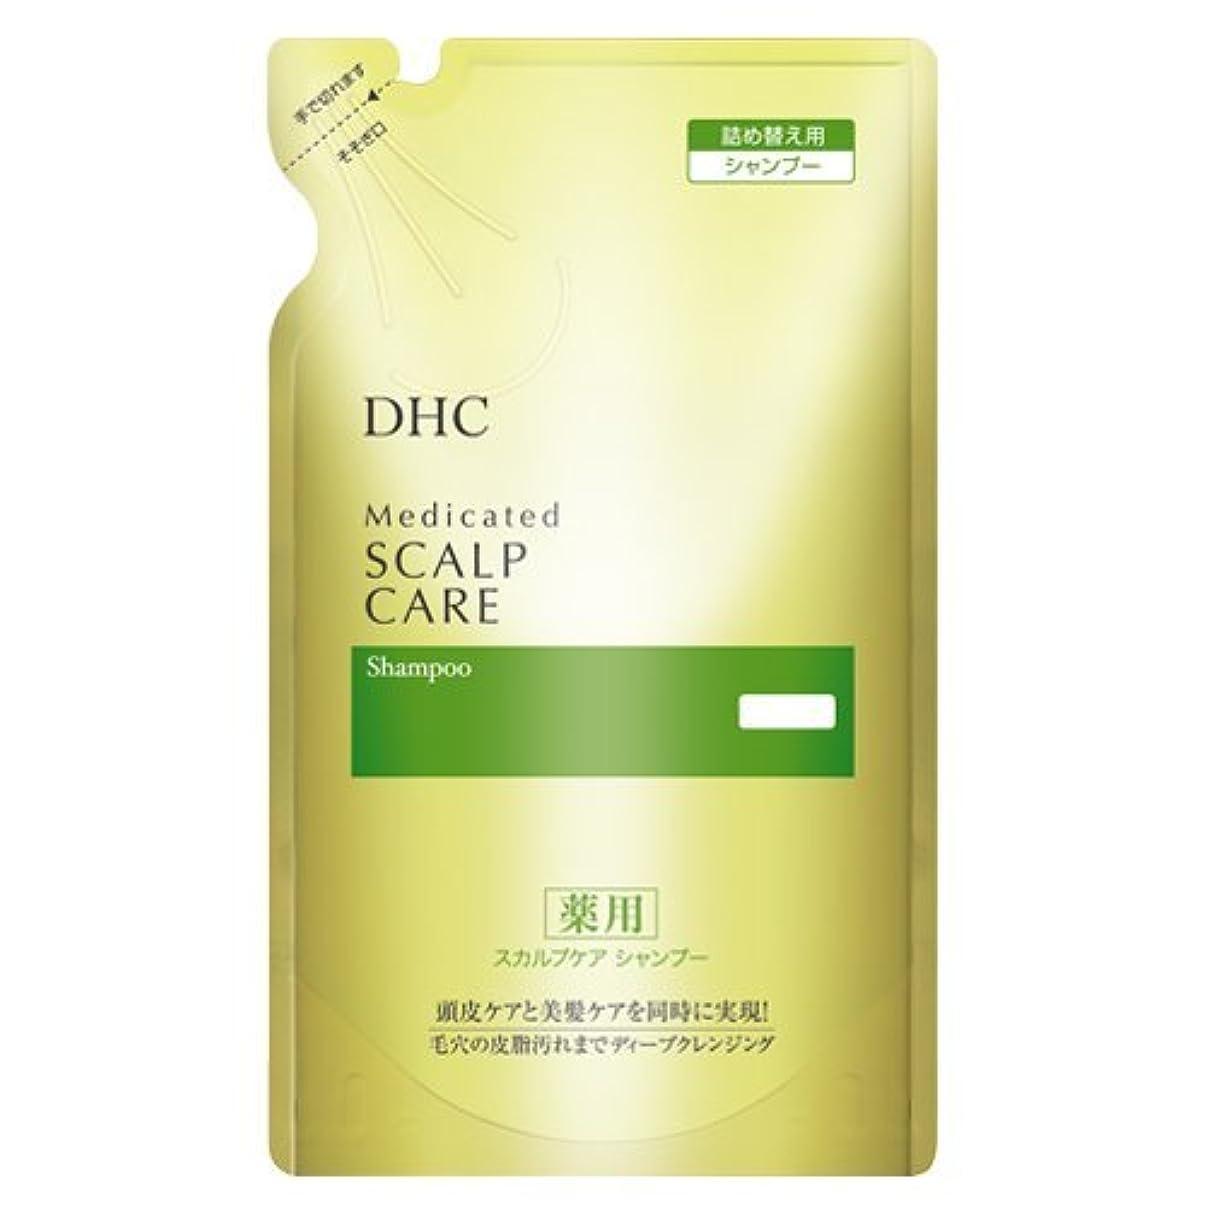 【医薬部外品】DHC薬用スカルプケア シャンプー 詰め替え用